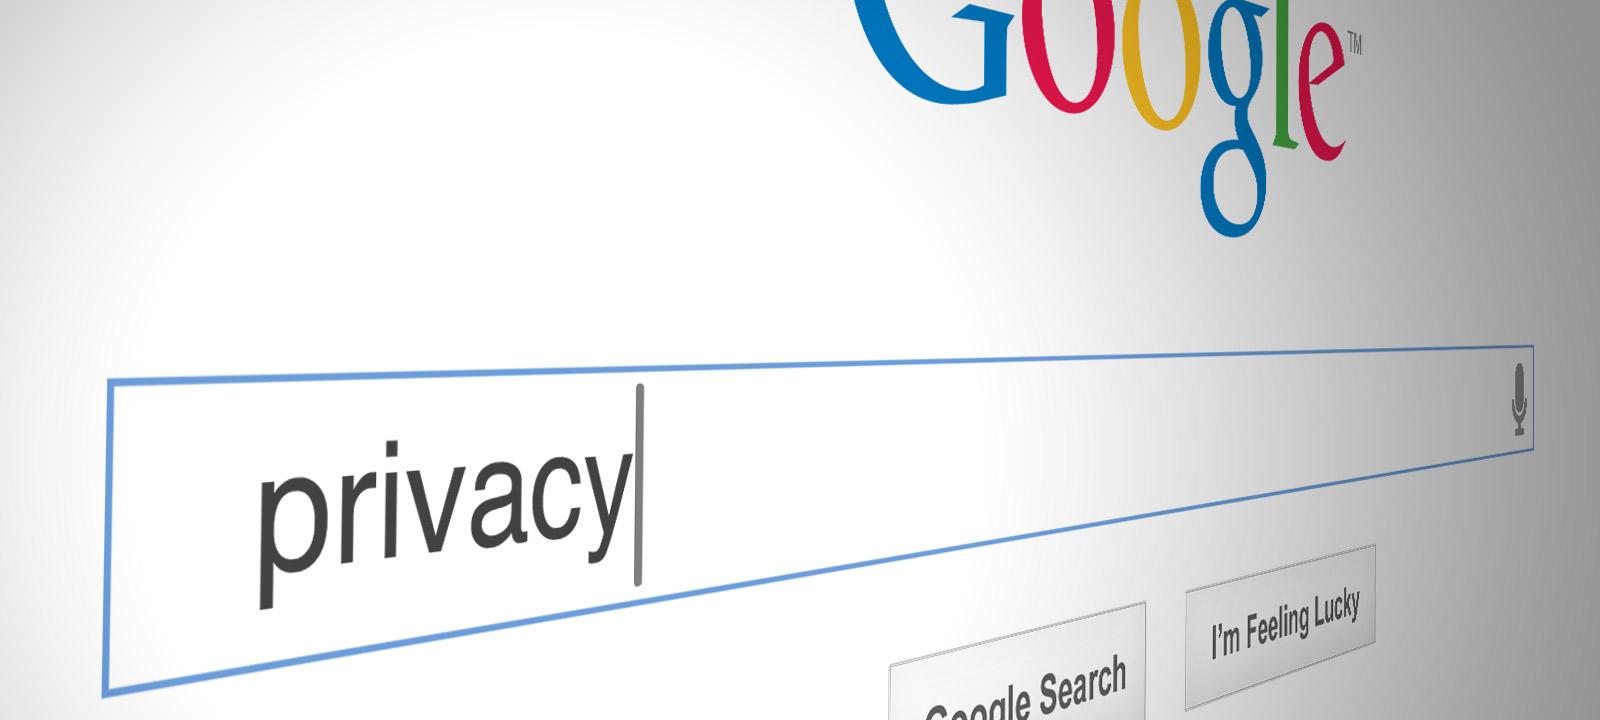 Google ed il diritto all'oblio